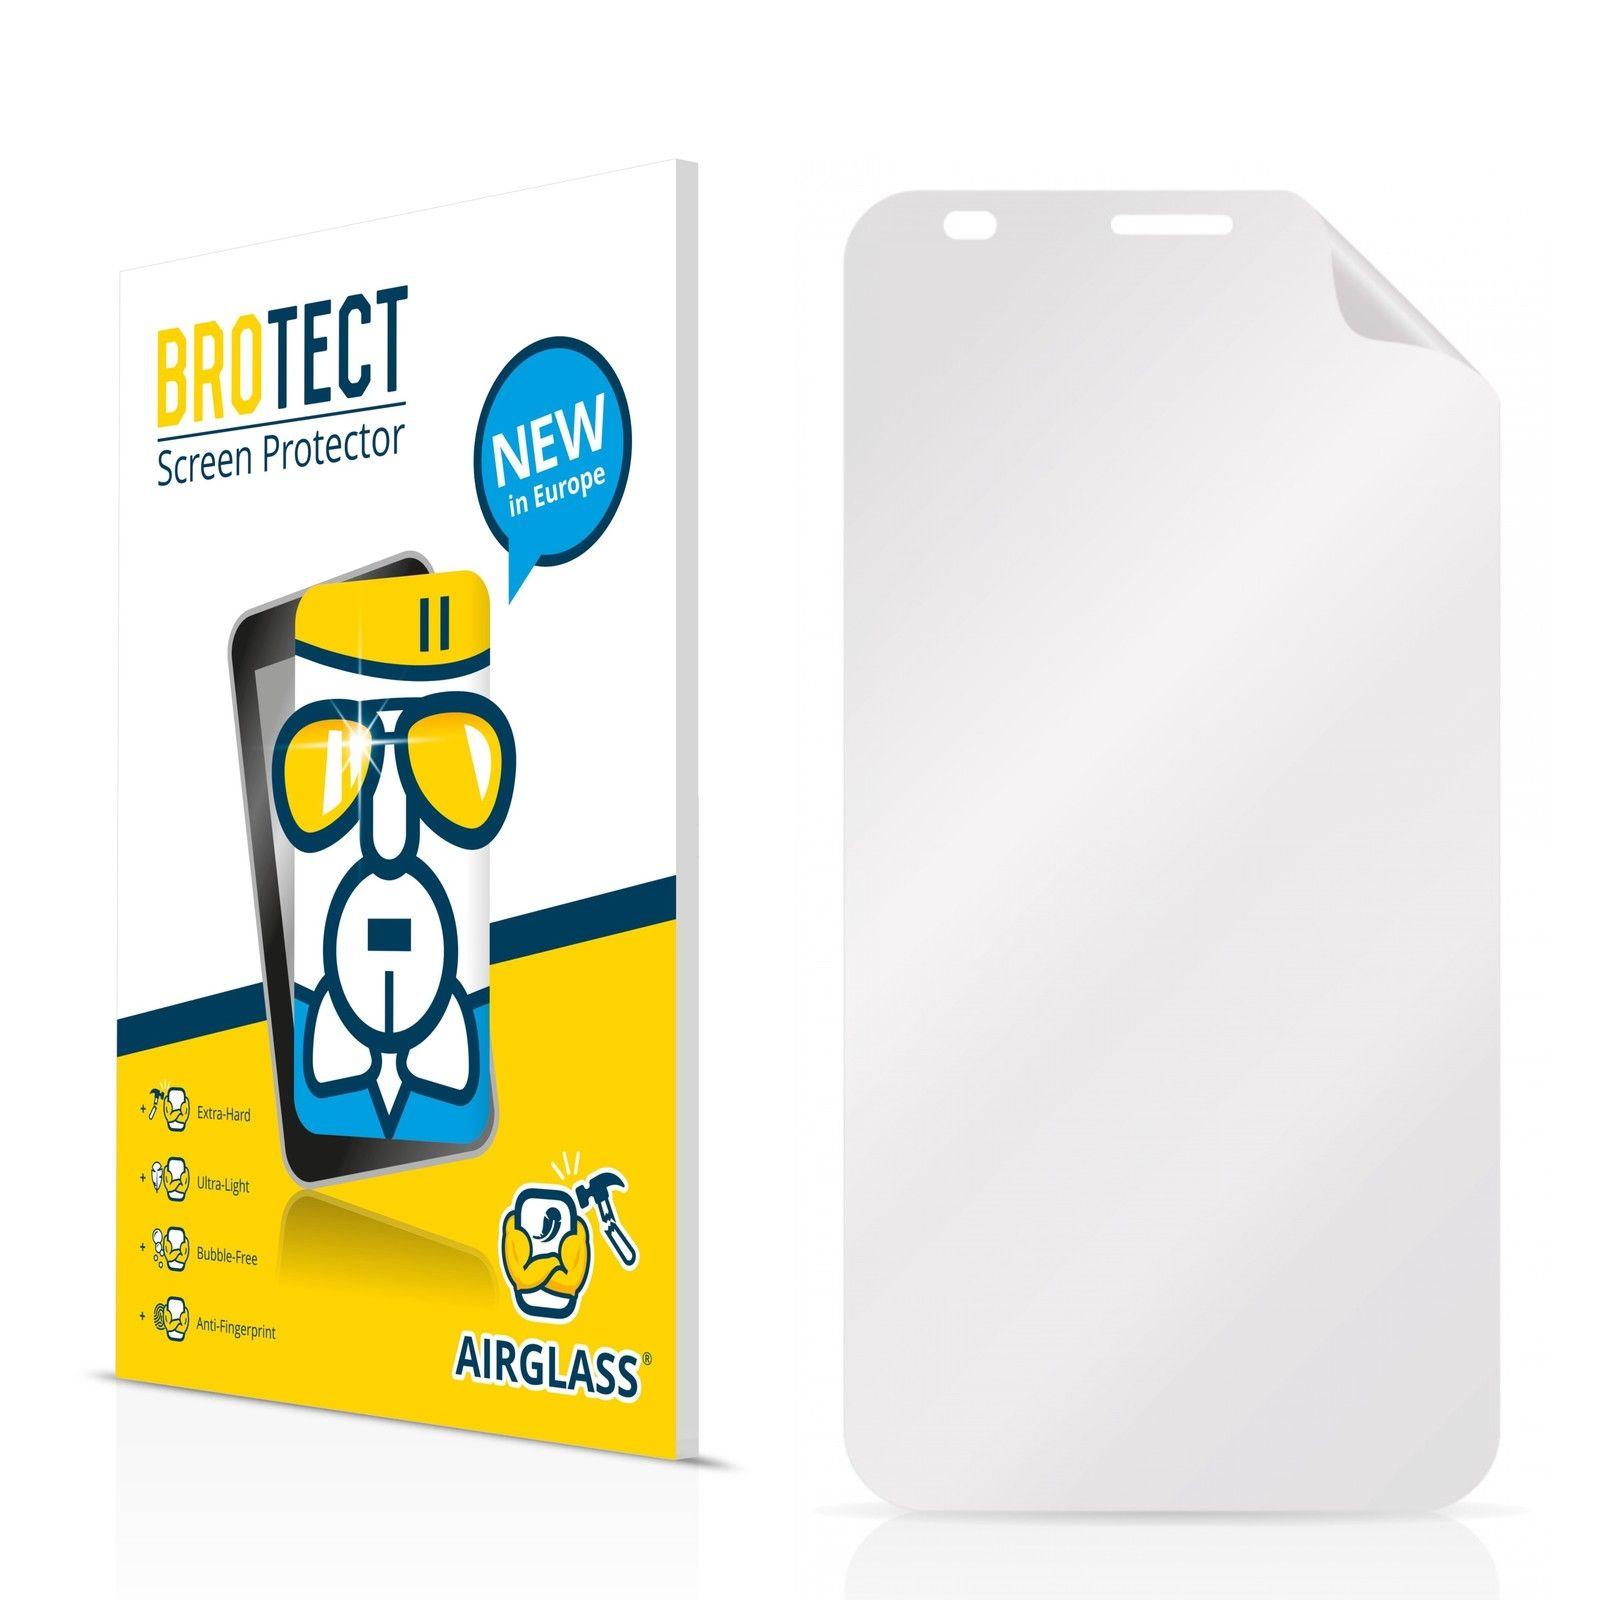 Extra tvrzená ochranná fólie (tvrzené sklo) AirGlass Brotec na LCD pro Prestigio MultiPhone 3450 DUO